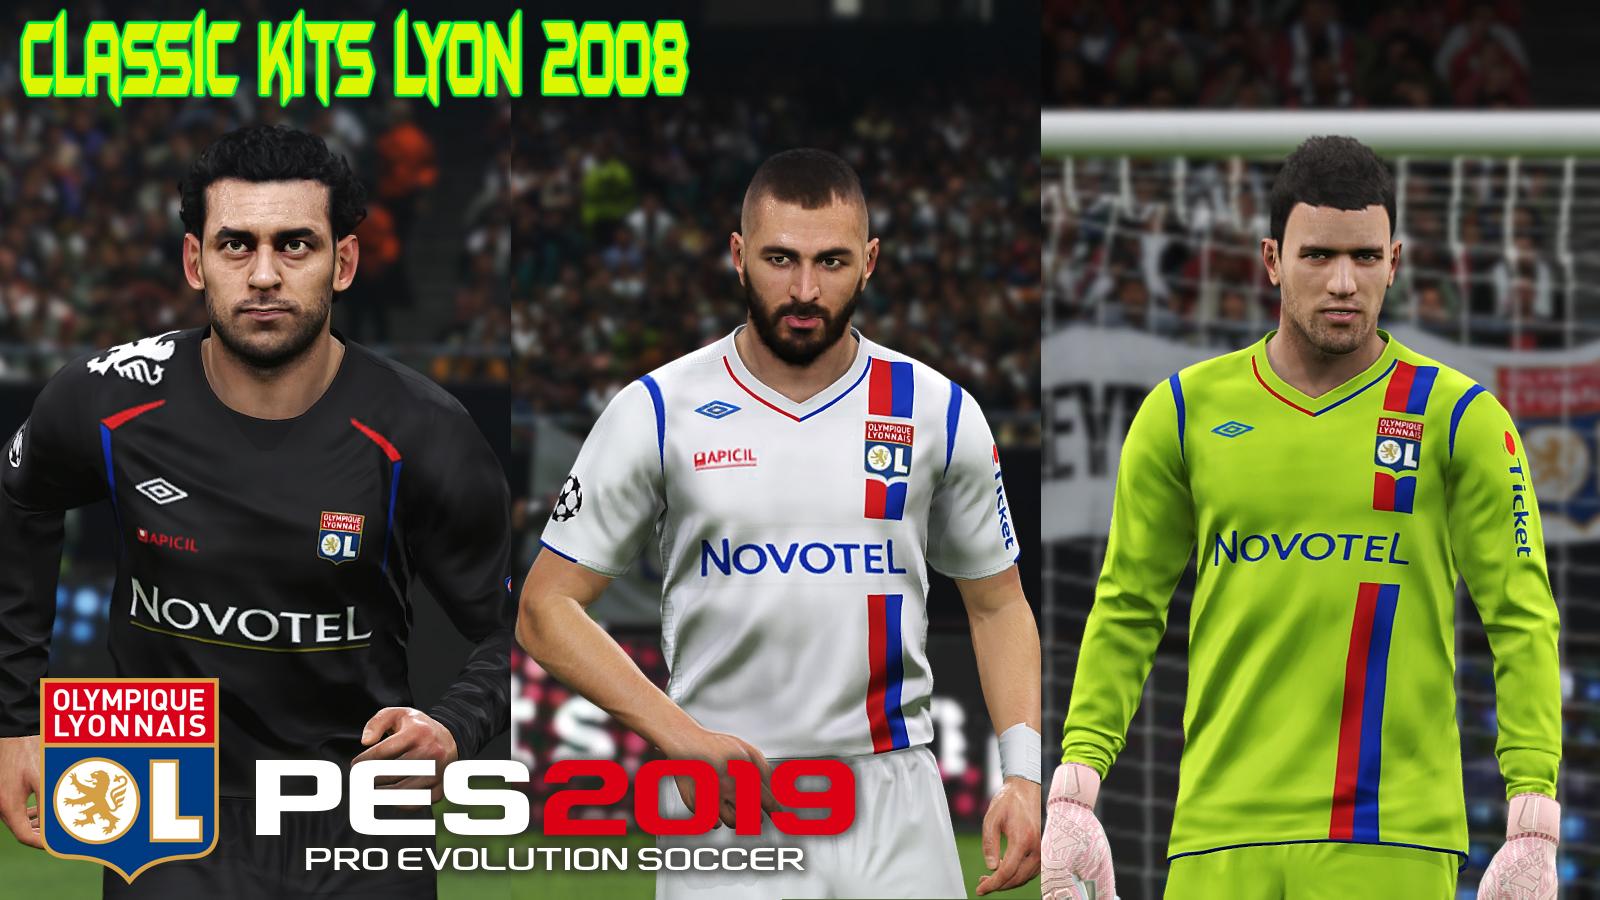 Lyon pes 2019